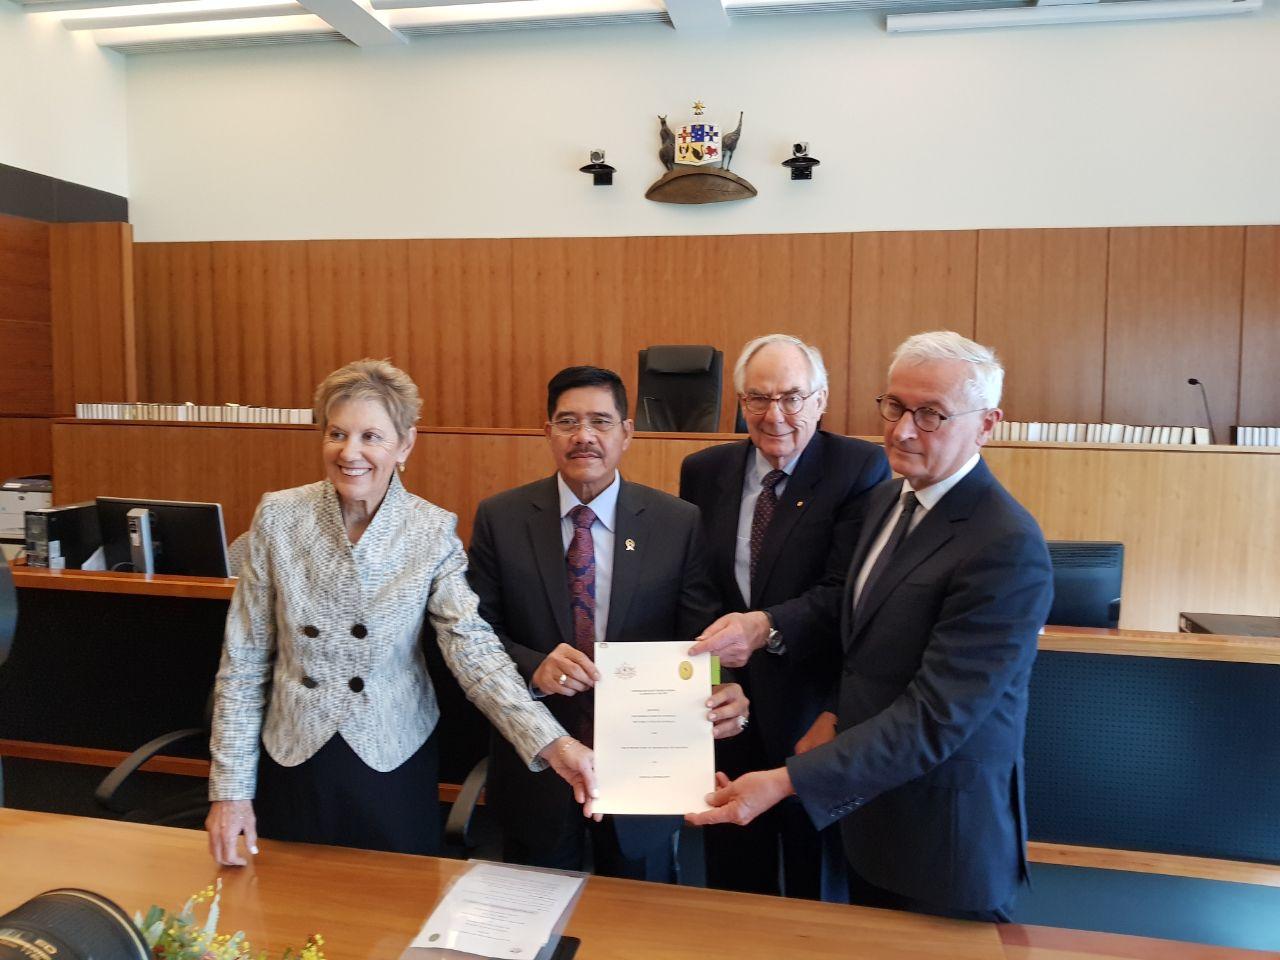 MAHKAMAH AGUNG REPUBLIK INDONESIA DAN FAMILY COURT OF AUSTRALIA, FEDERAL COURT OF AUSTRALIA MEMPERBARUI NOTA KESEPAHAMAN KERJASAMA PERADILAN